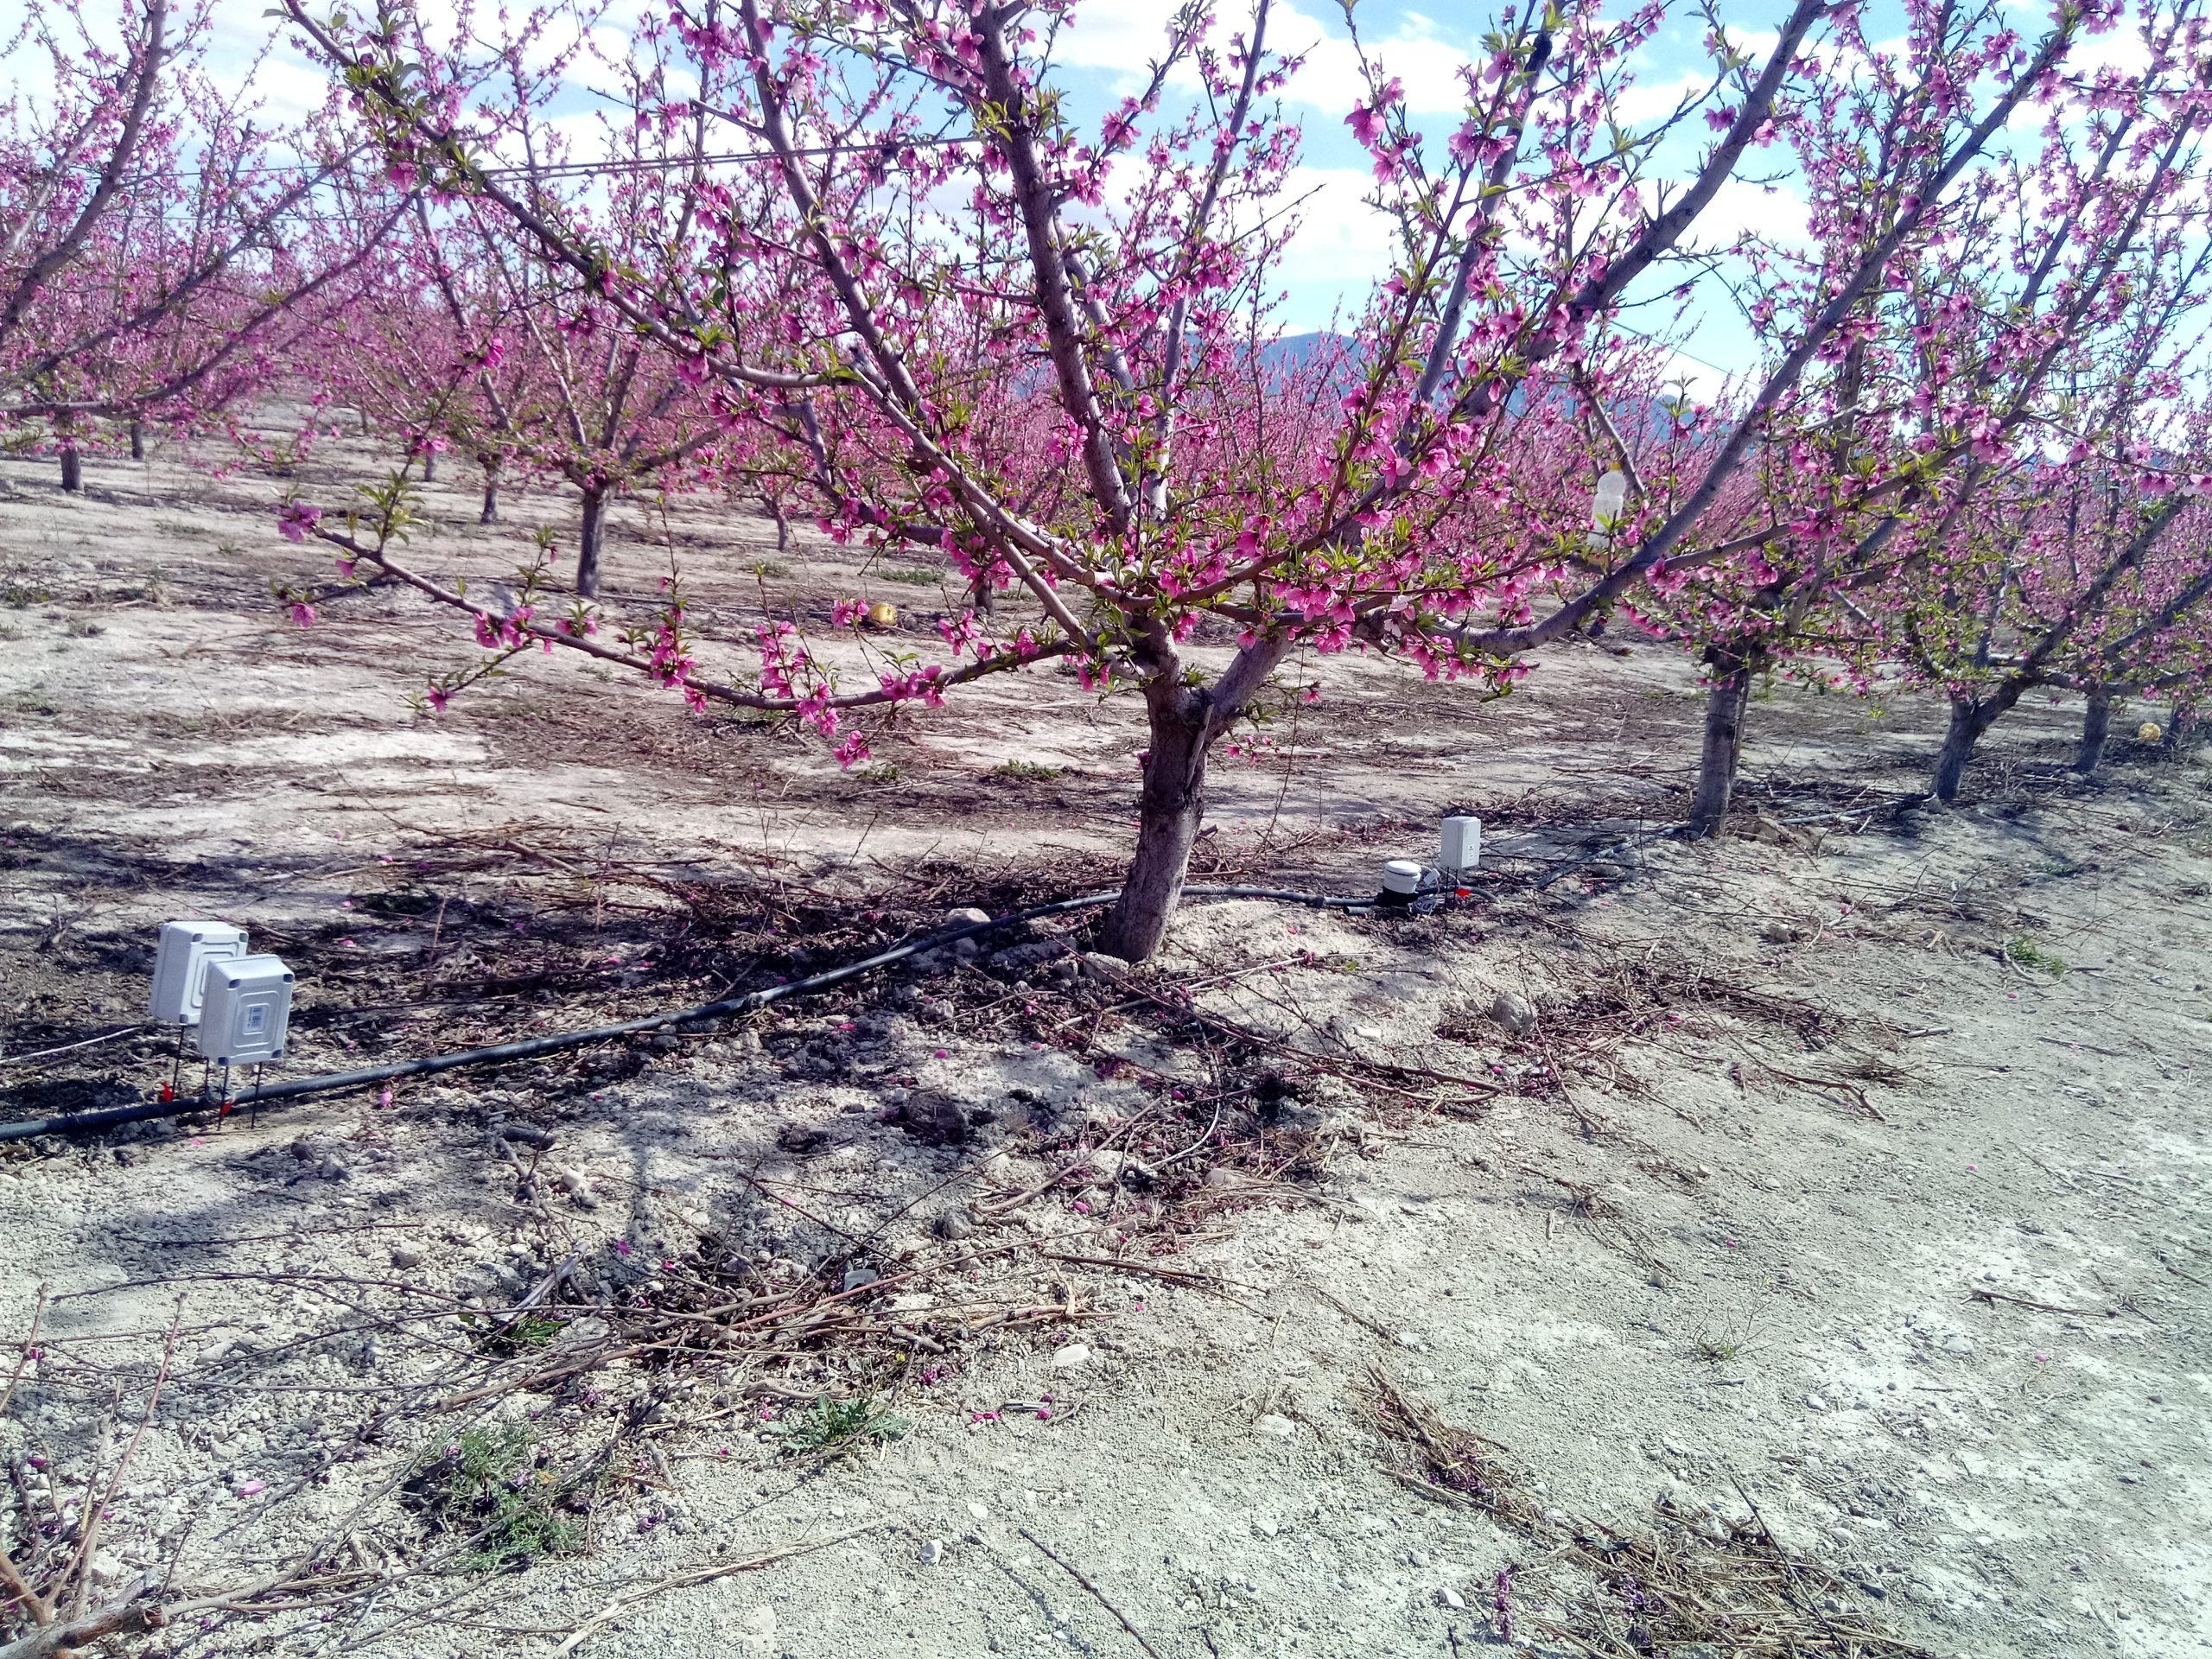 Flowering fruit tree with flow meter in irrigation